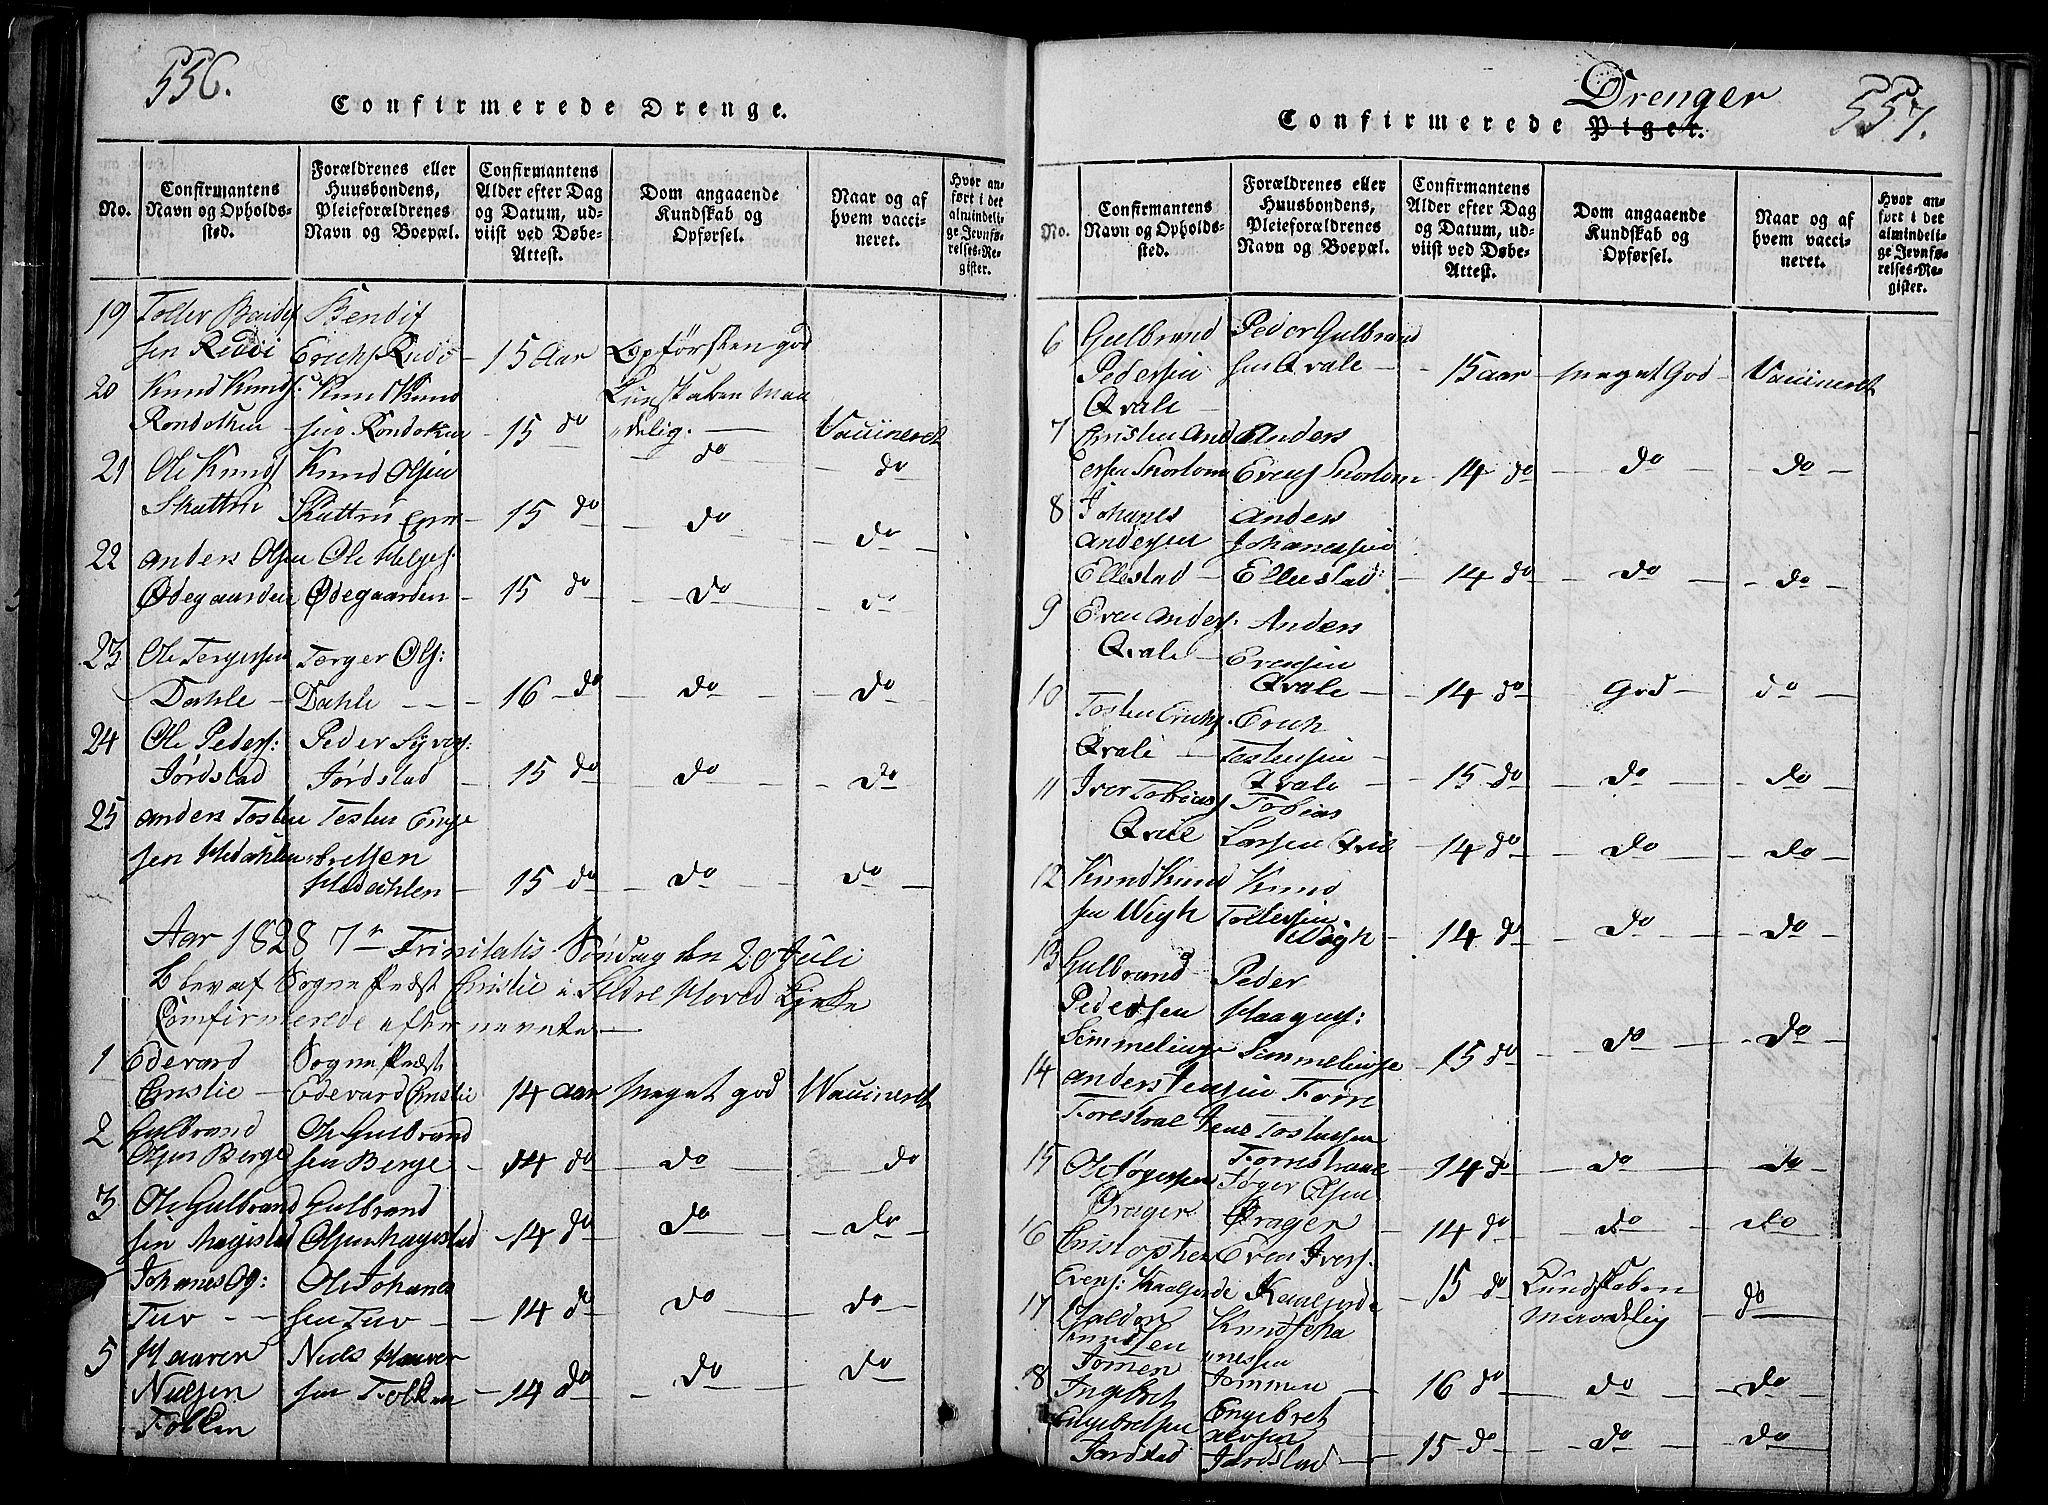 SAH, Slidre prestekontor, Ministerialbok nr. 2, 1814-1830, s. 556-557